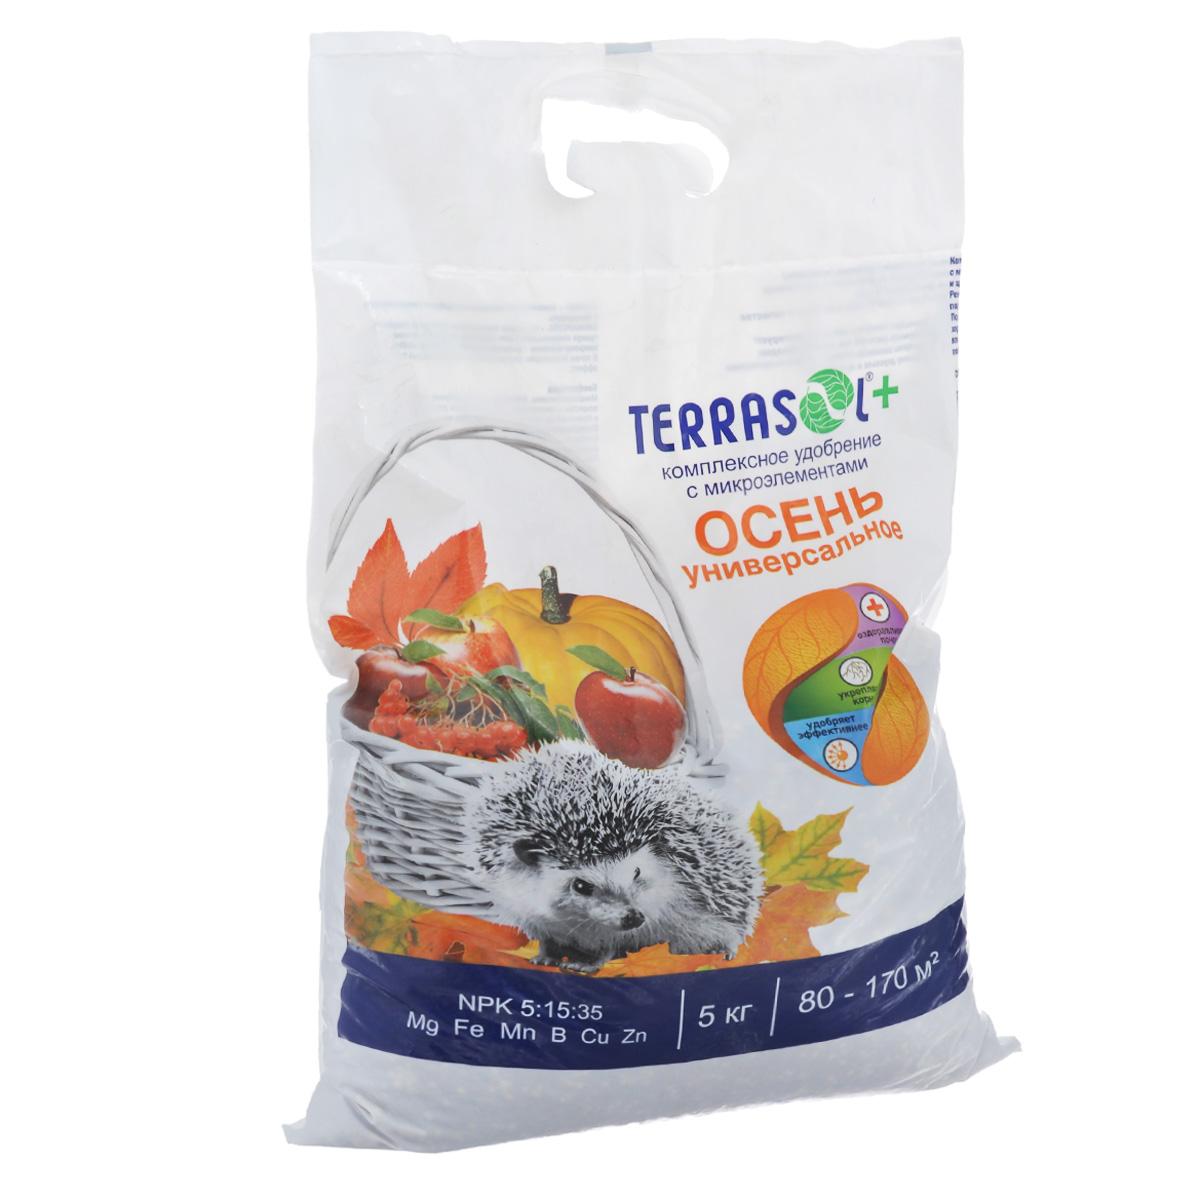 Удобрение универсальное TerraSol+